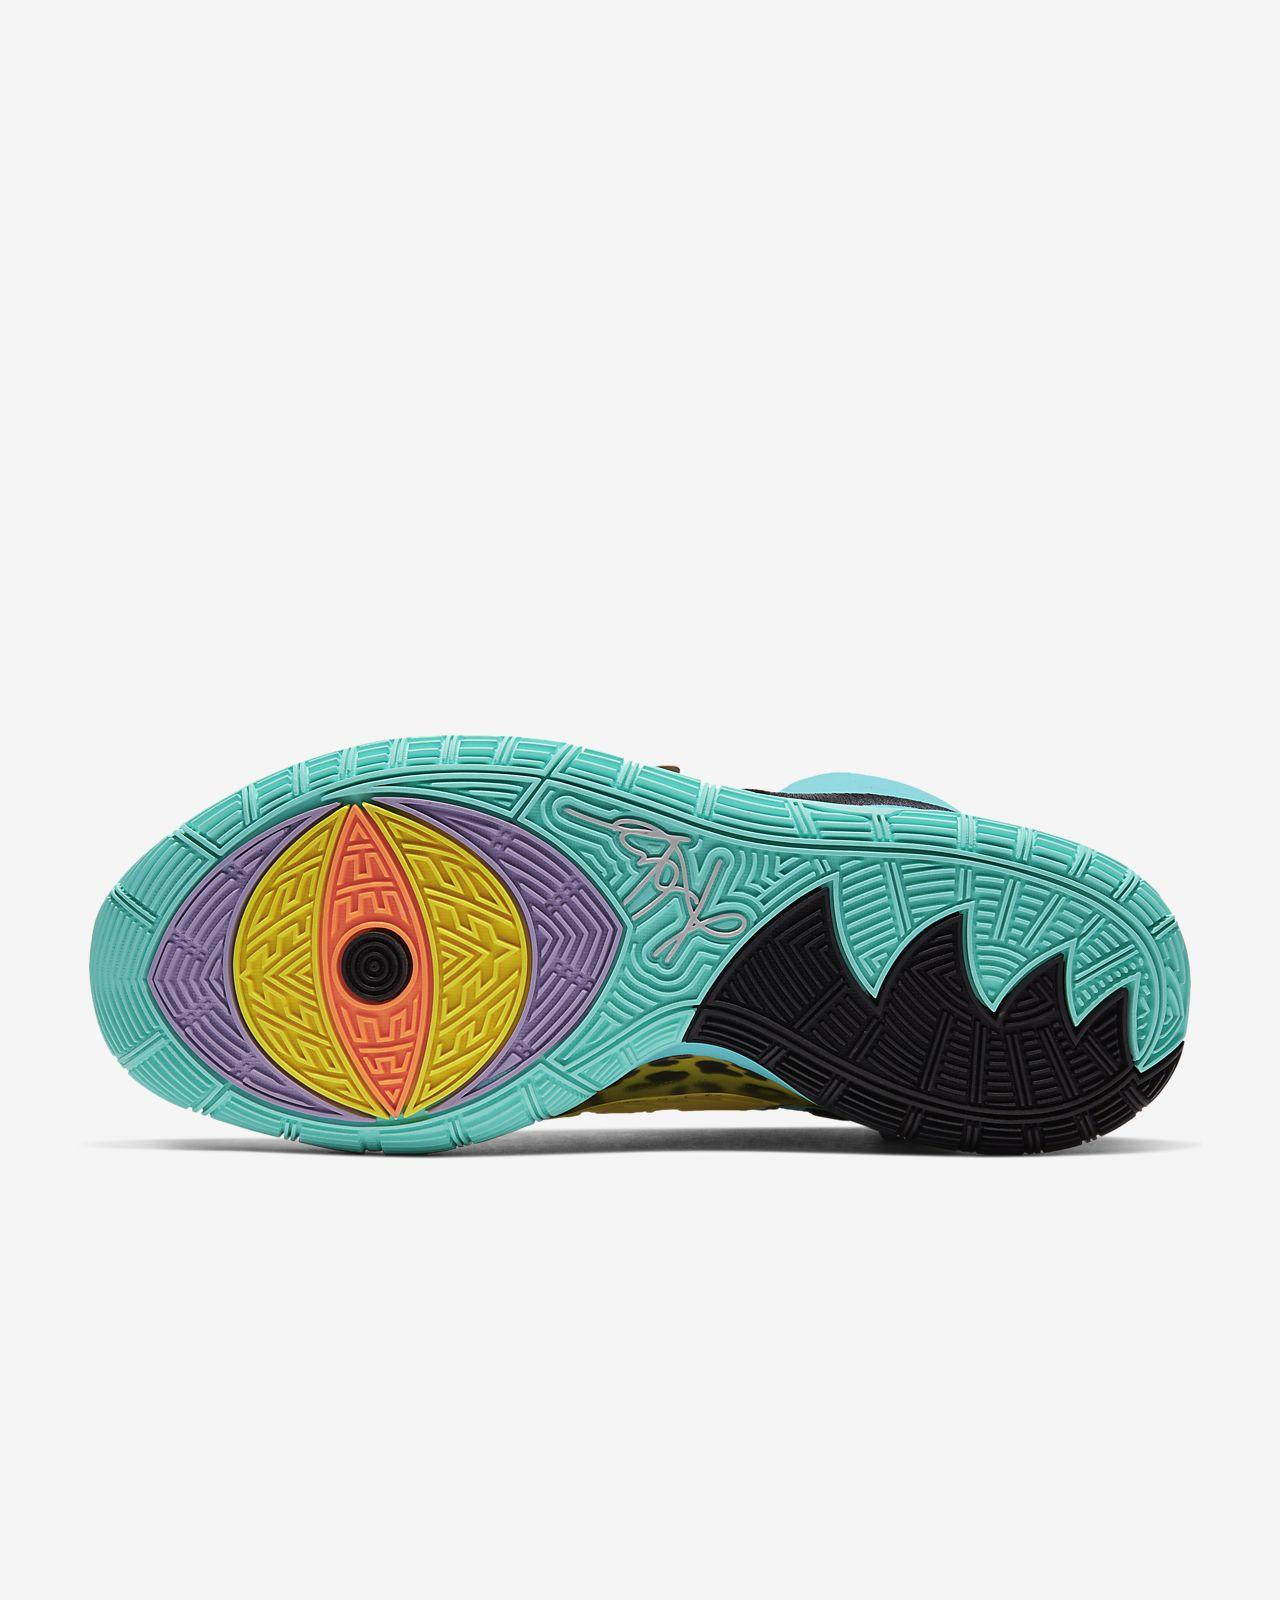 29 Best Nike Kyrie 4 Sneakers images | Nike kyrie, Nike